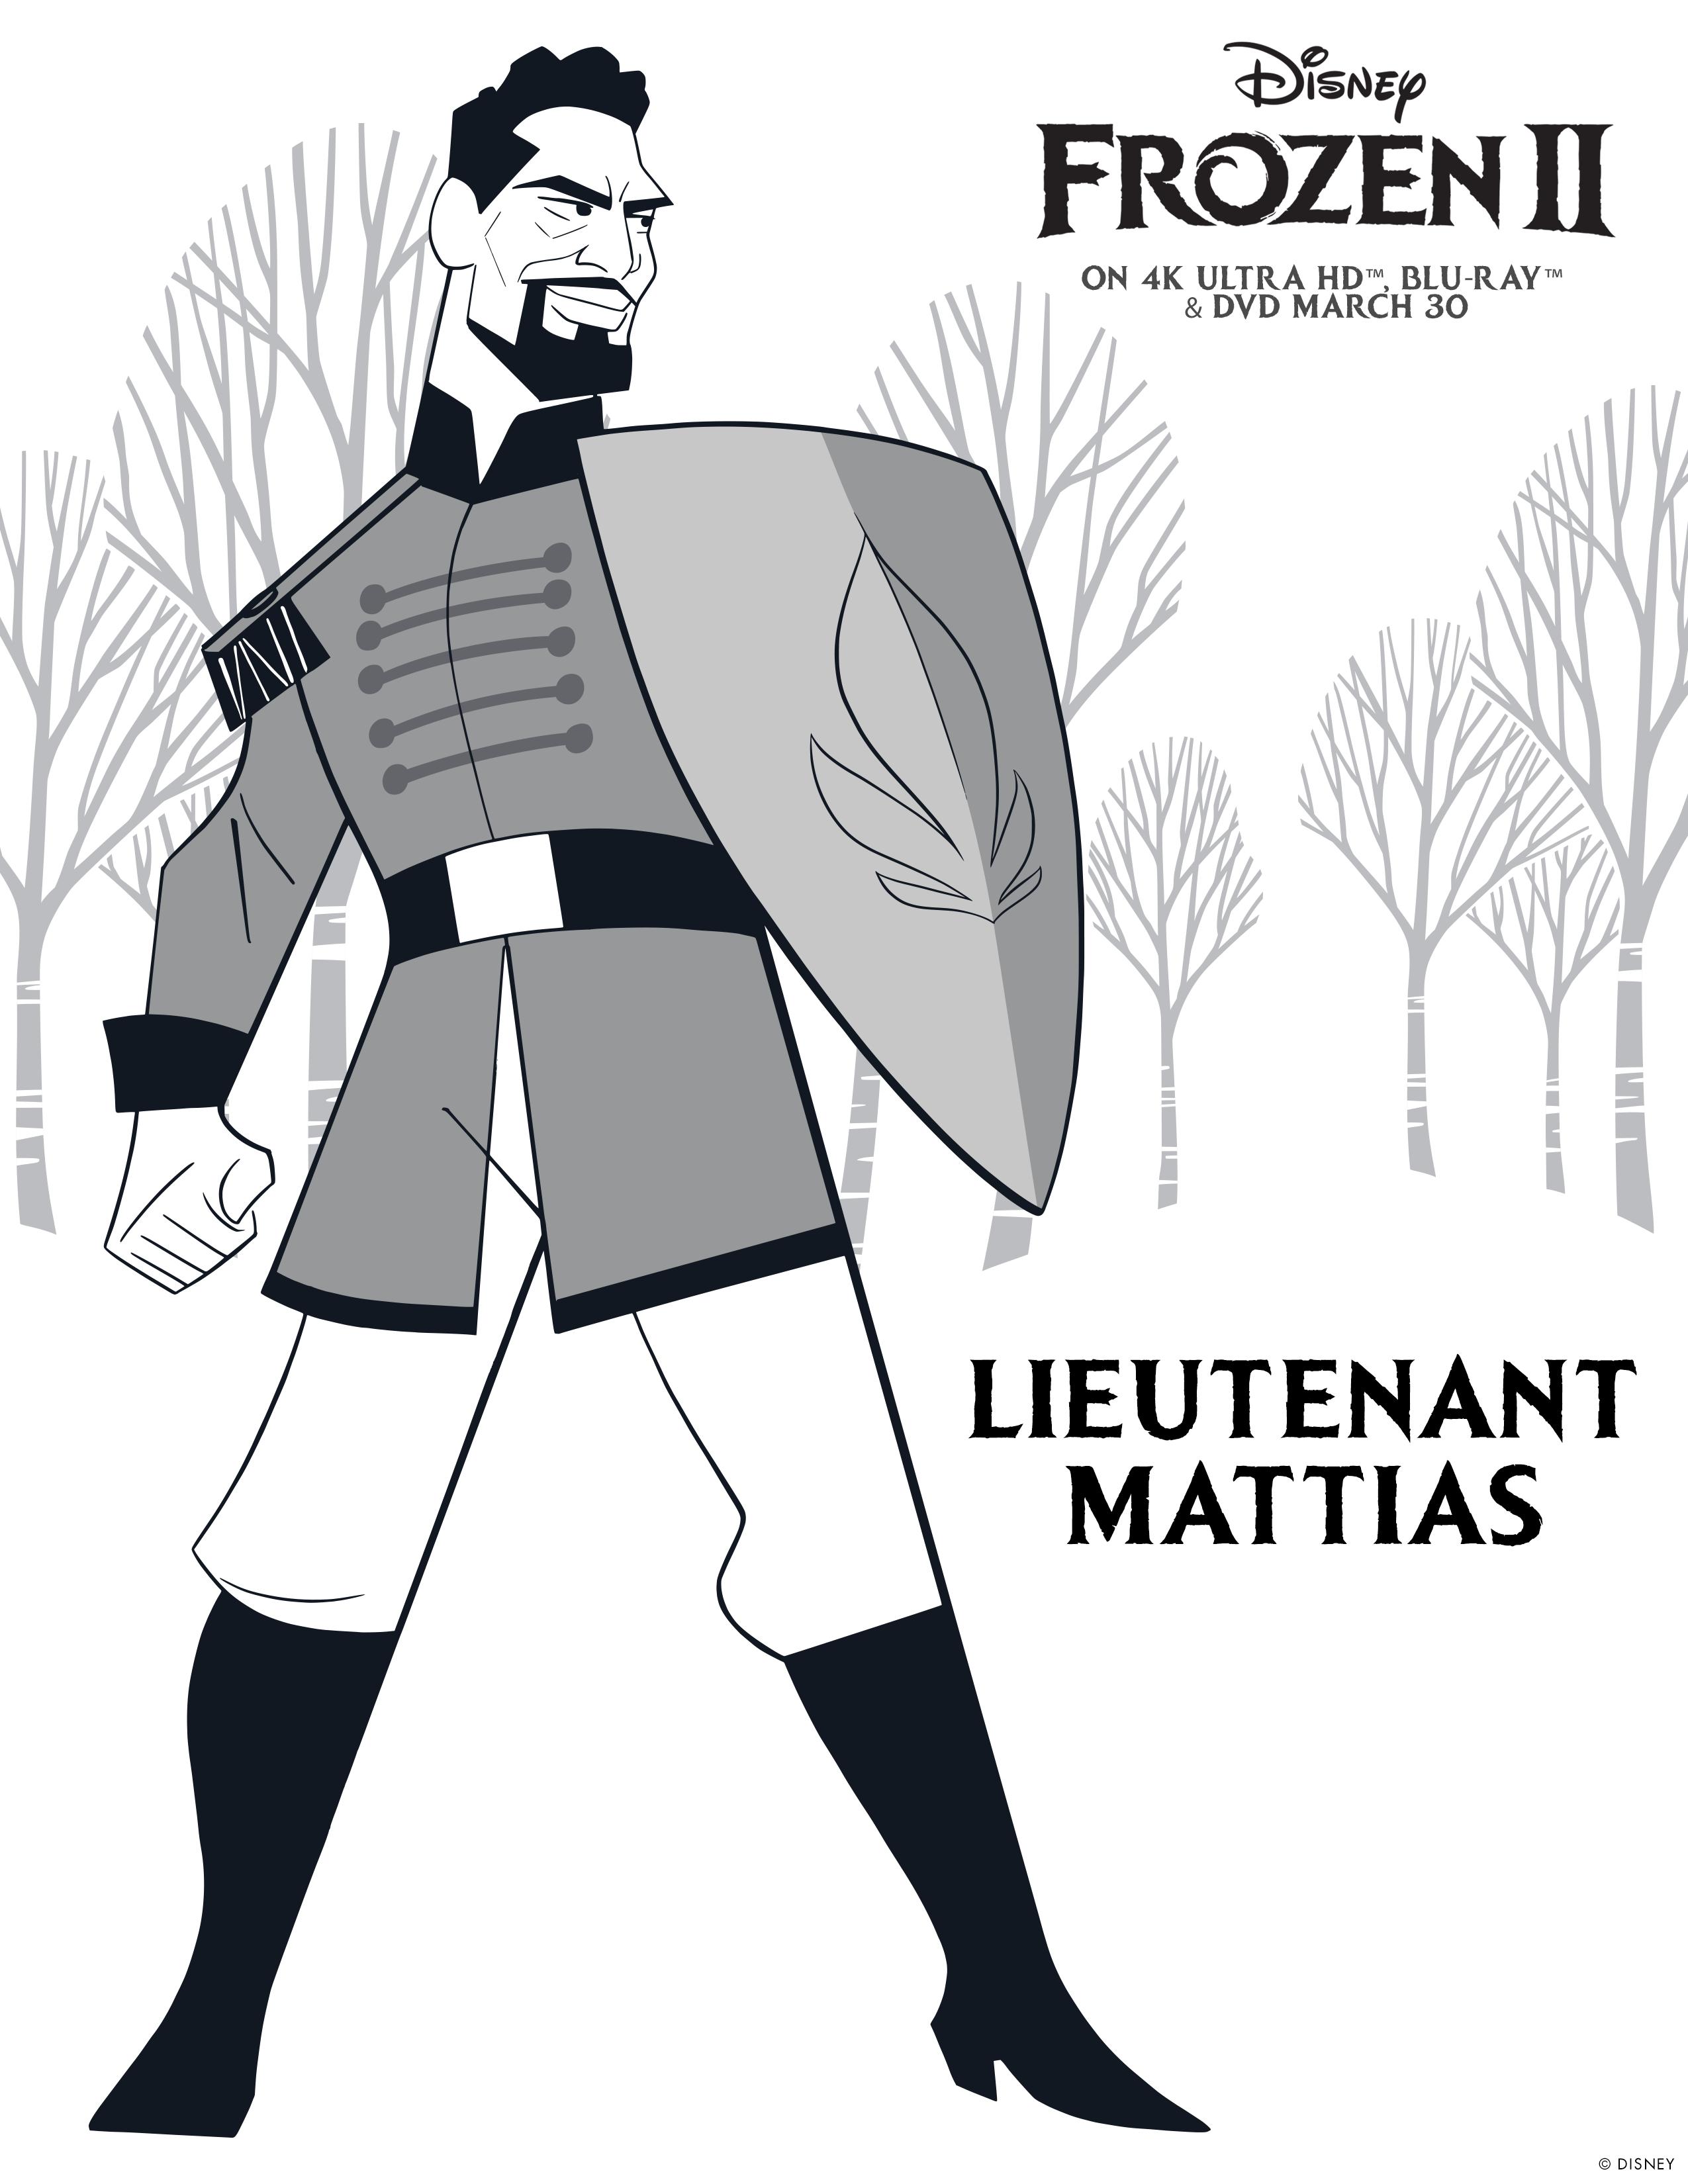 MATTIAS COLOURING MARCH 30